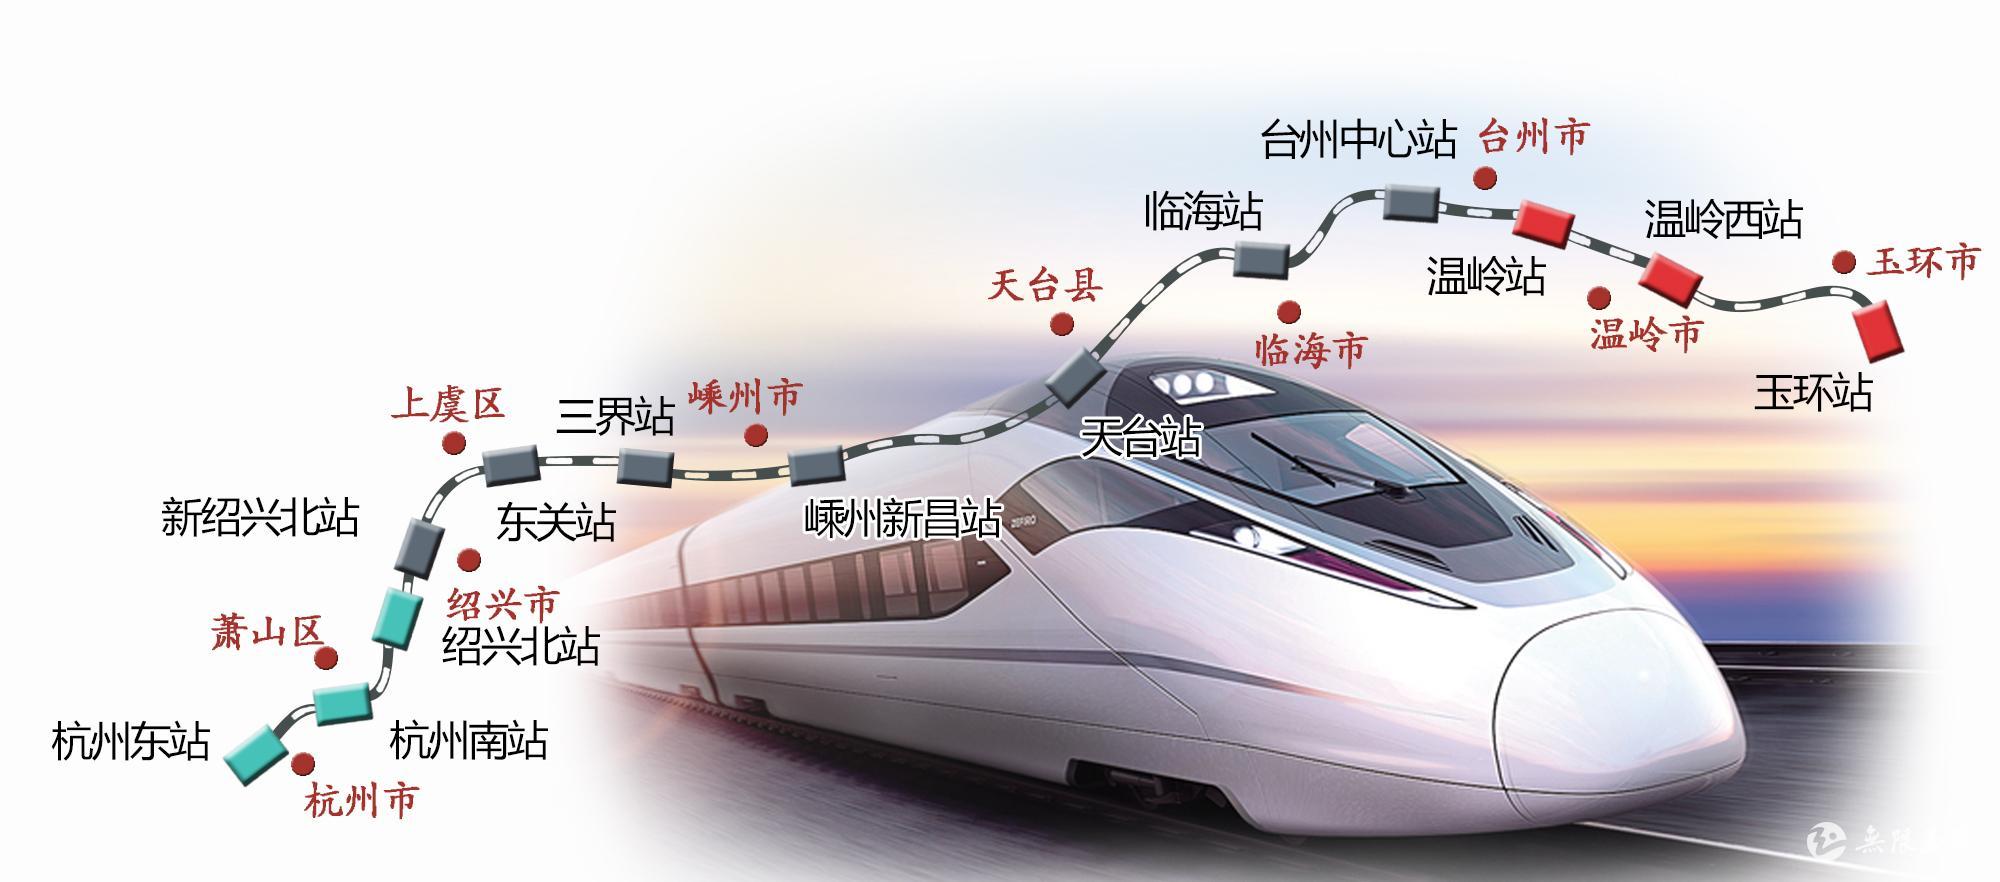 浙江省'四大建设'专题推介会上 温玉铁路项目推介发布